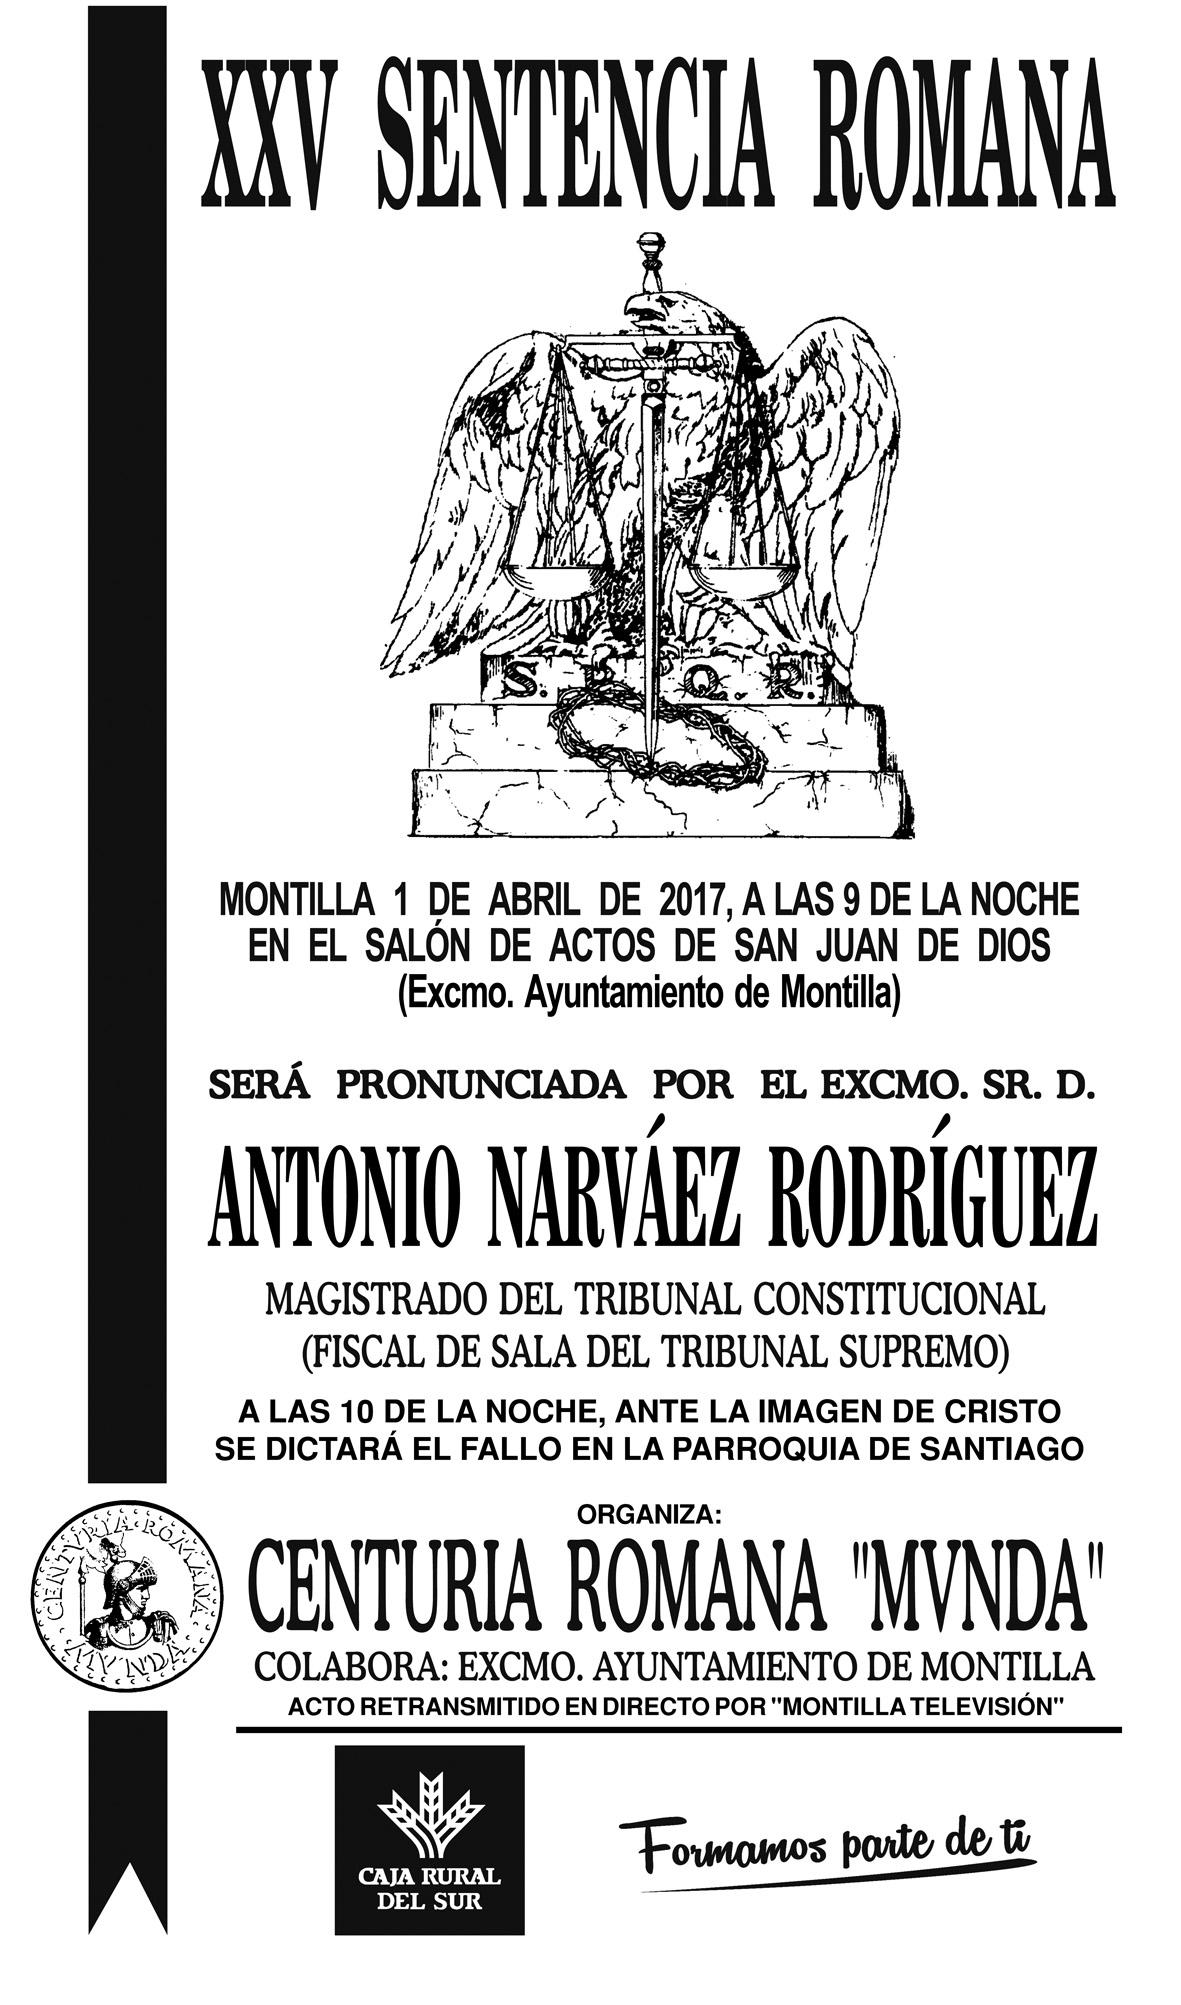 CARTEL Sentencia Romana 2015